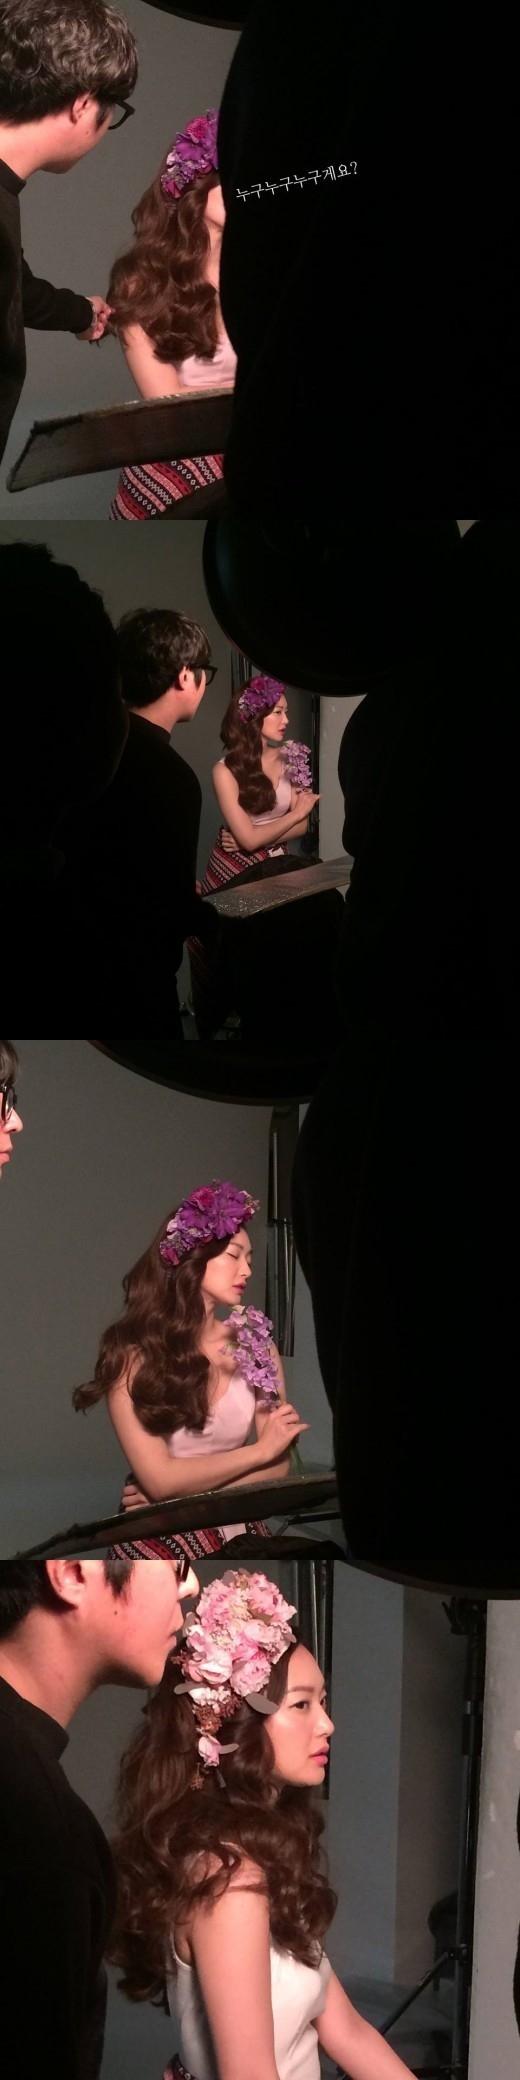 シン・ミナの画像 p1_1